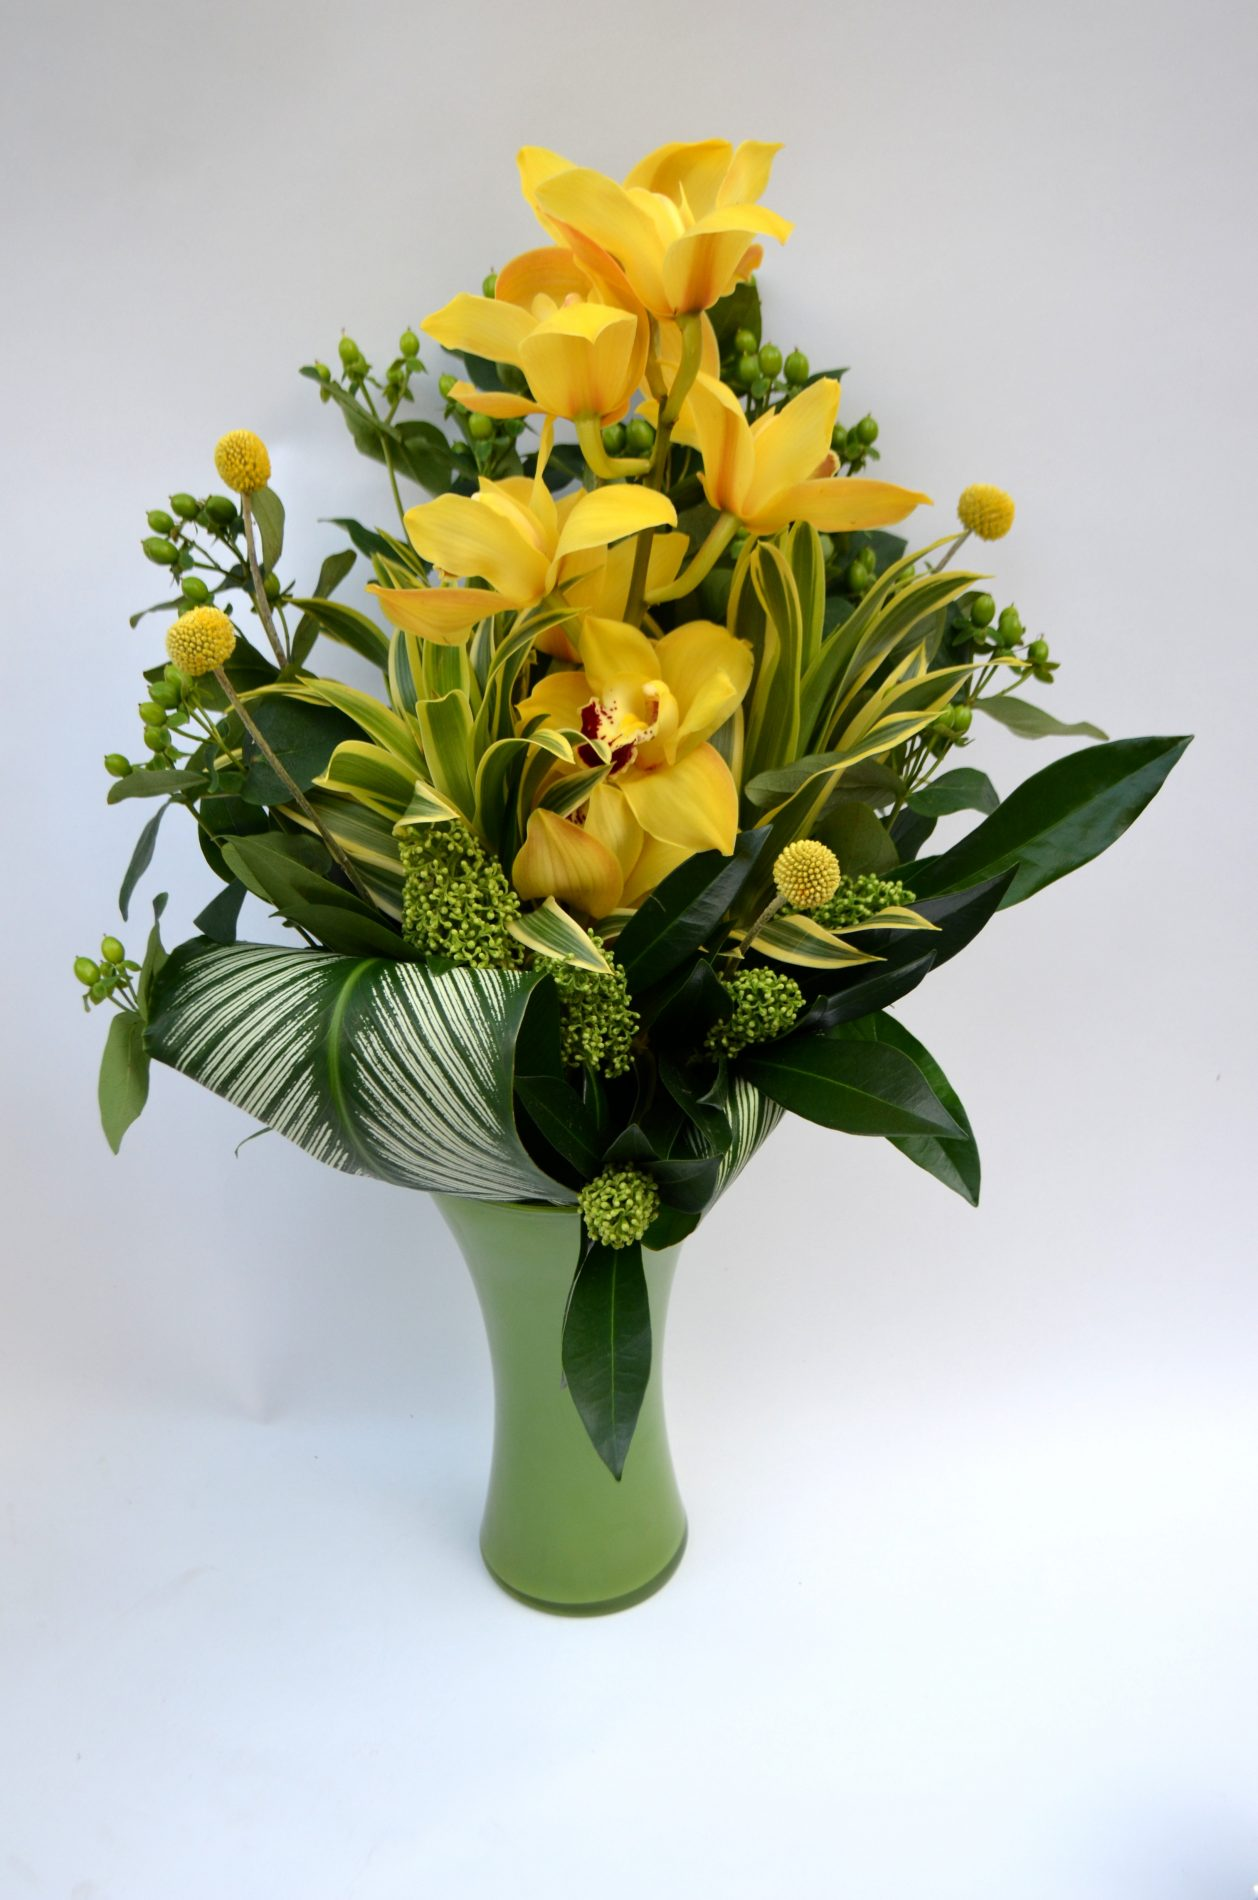 bouquet exotique radieux, orchidée cymbidum jaune